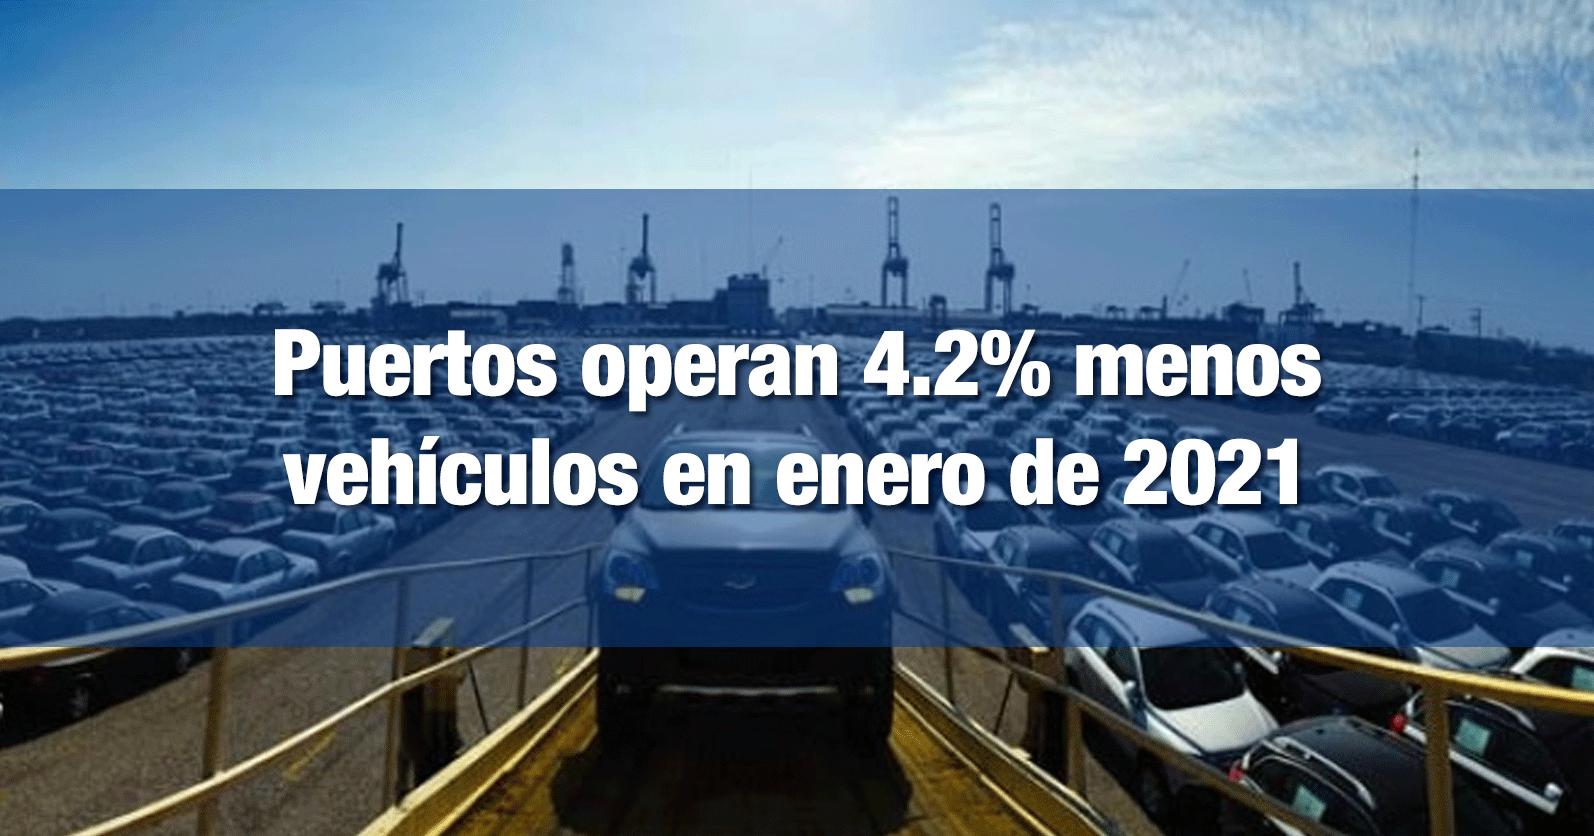 Puertos operan 4.2% menos vehículos en enero de 2021